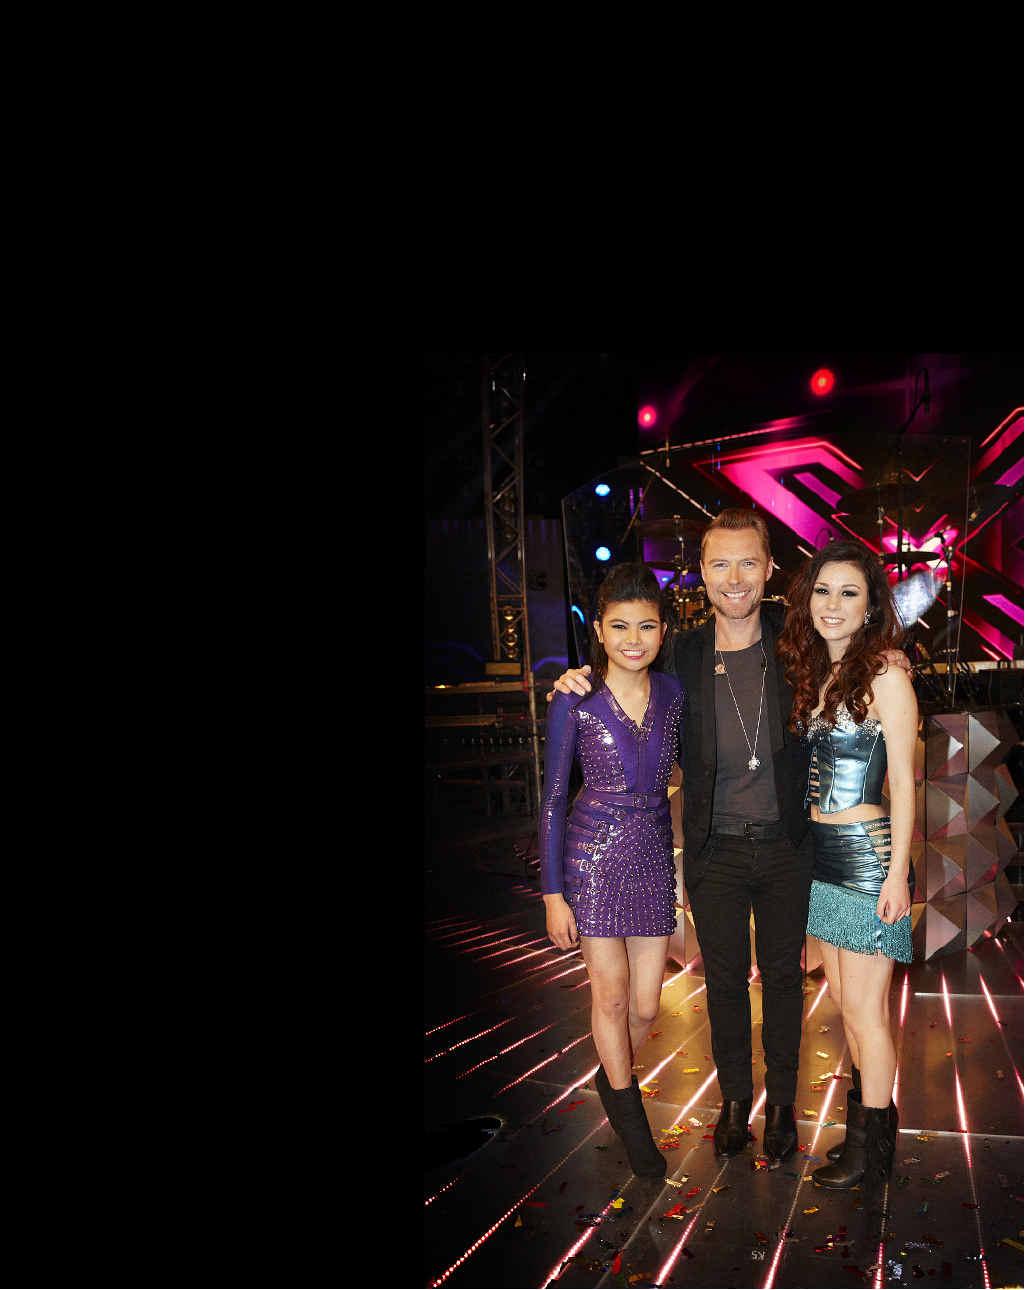 Ronan's girls: Marlisa Punzalan and Caitlyn Shadbolt with Ronan Keating